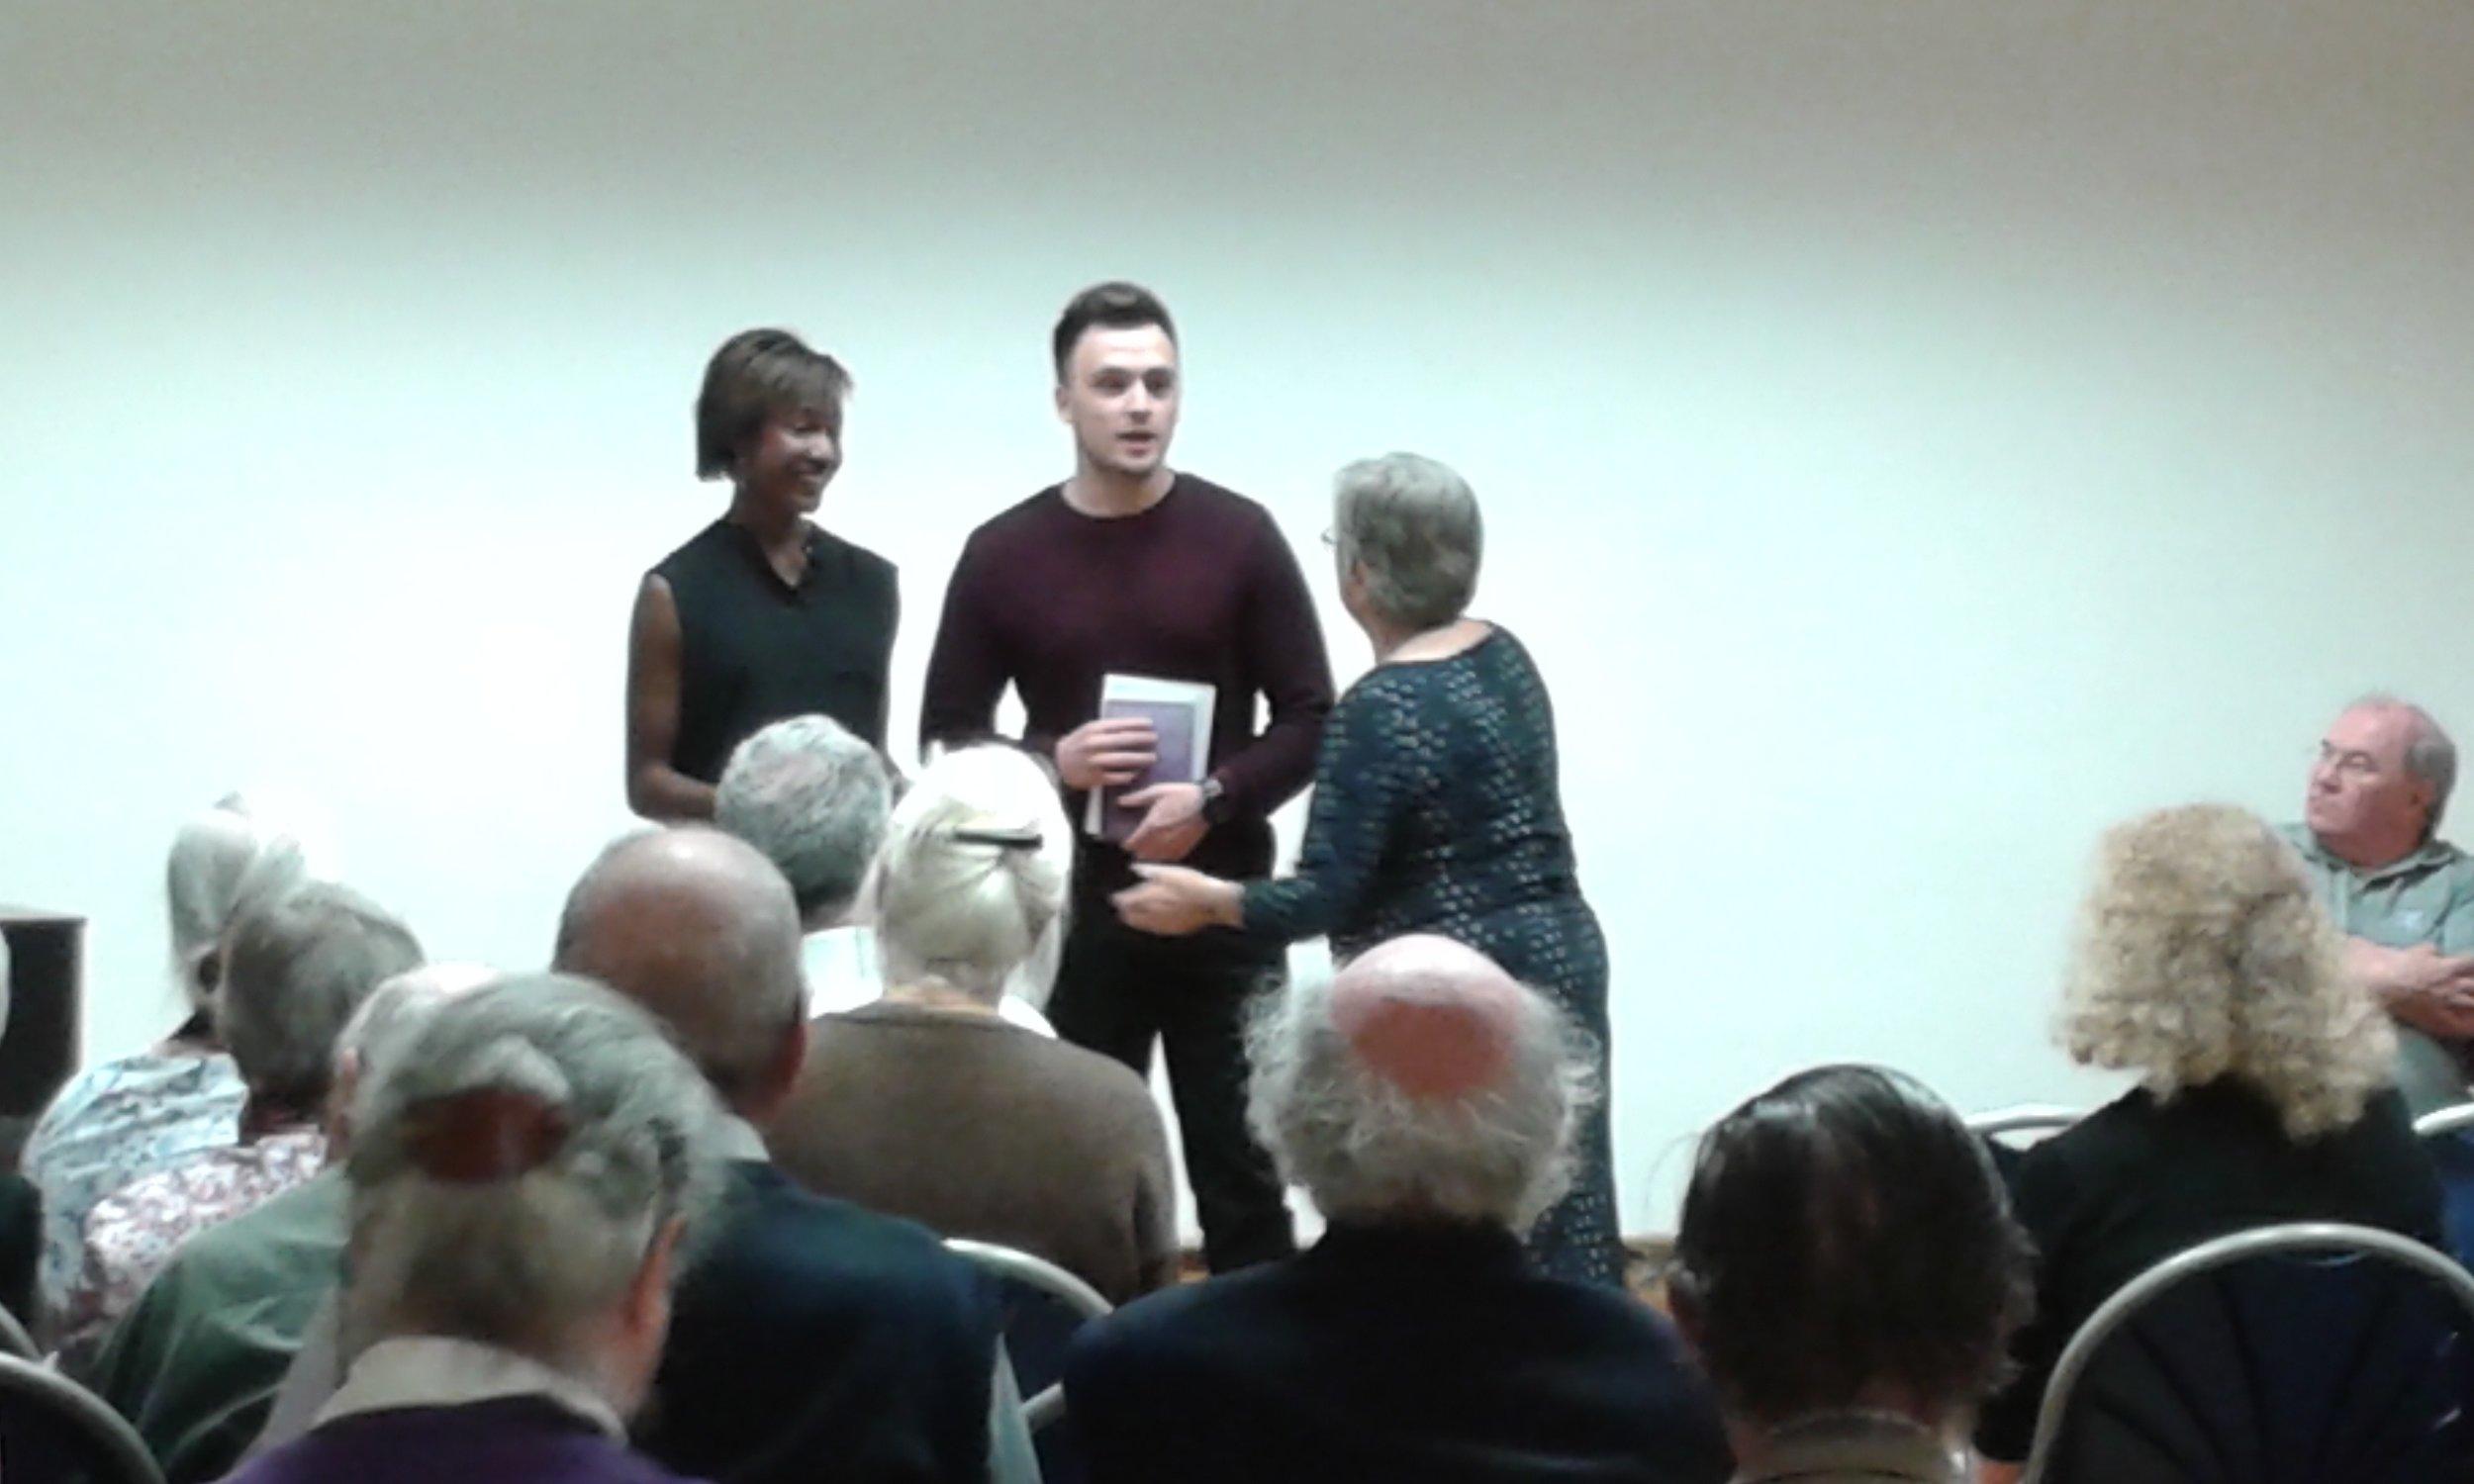 Kimisha Lewis and Sam Kacher - The Dorothy L. Sayers Actors' Award Winners